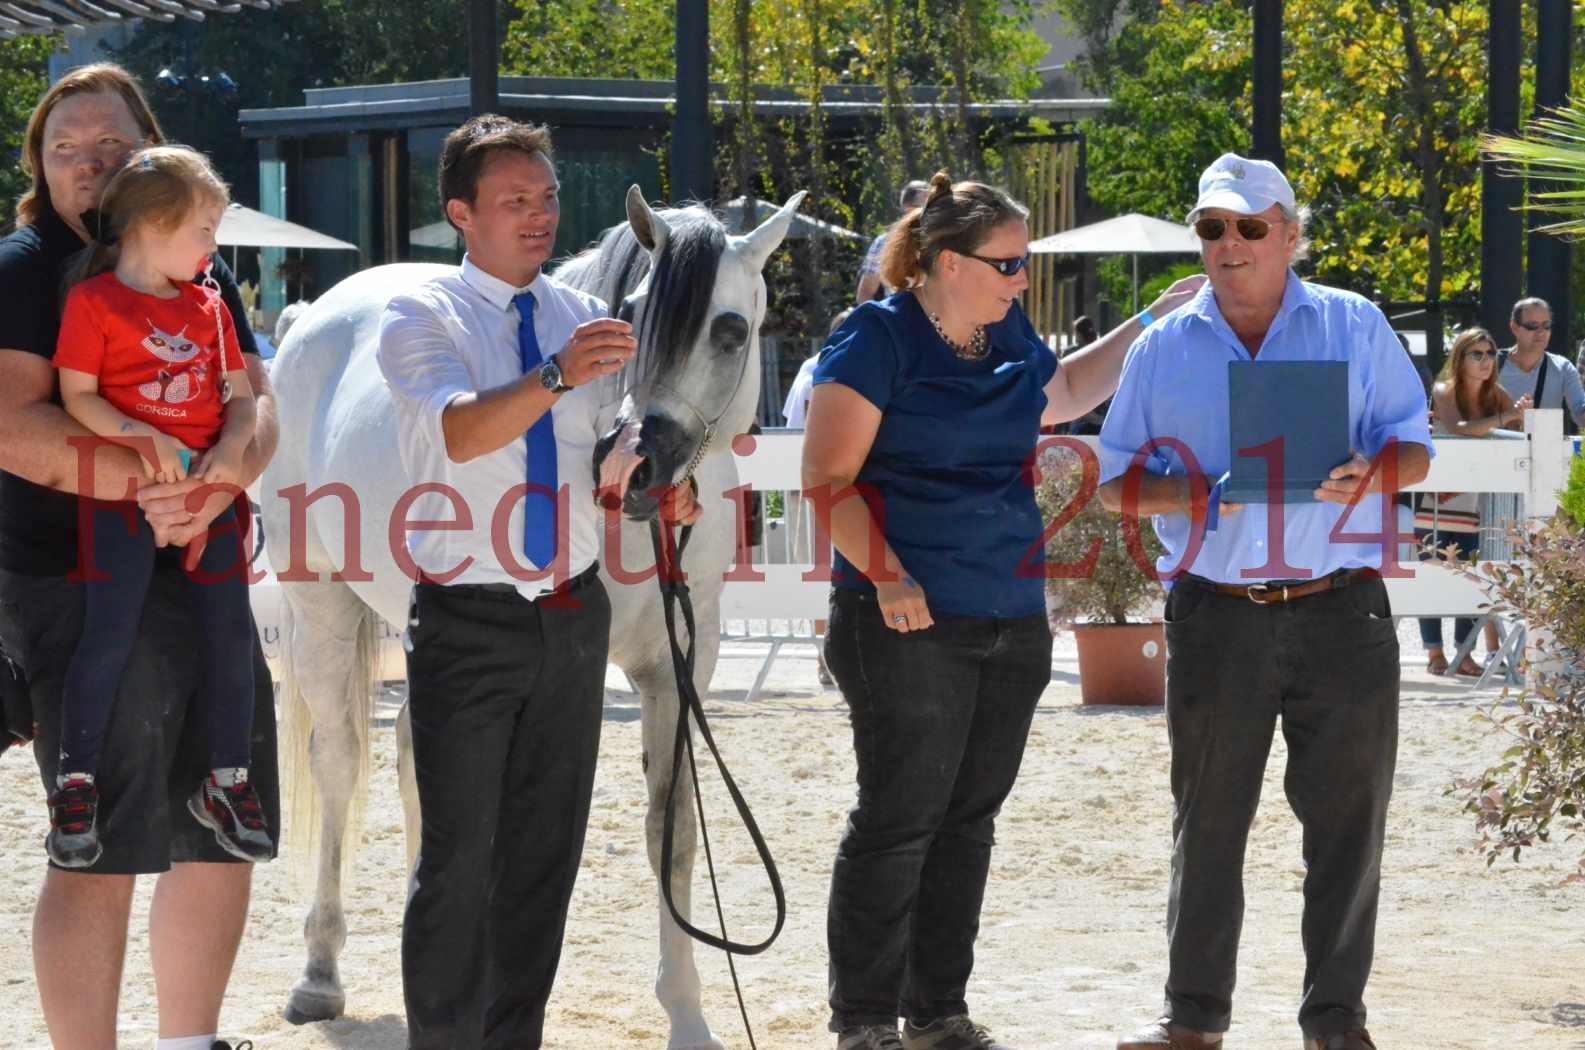 Concours National de Nîmes de chevaux ARABES 2014 - Sélection - SHAOLIN DE NEDJAIA - 89